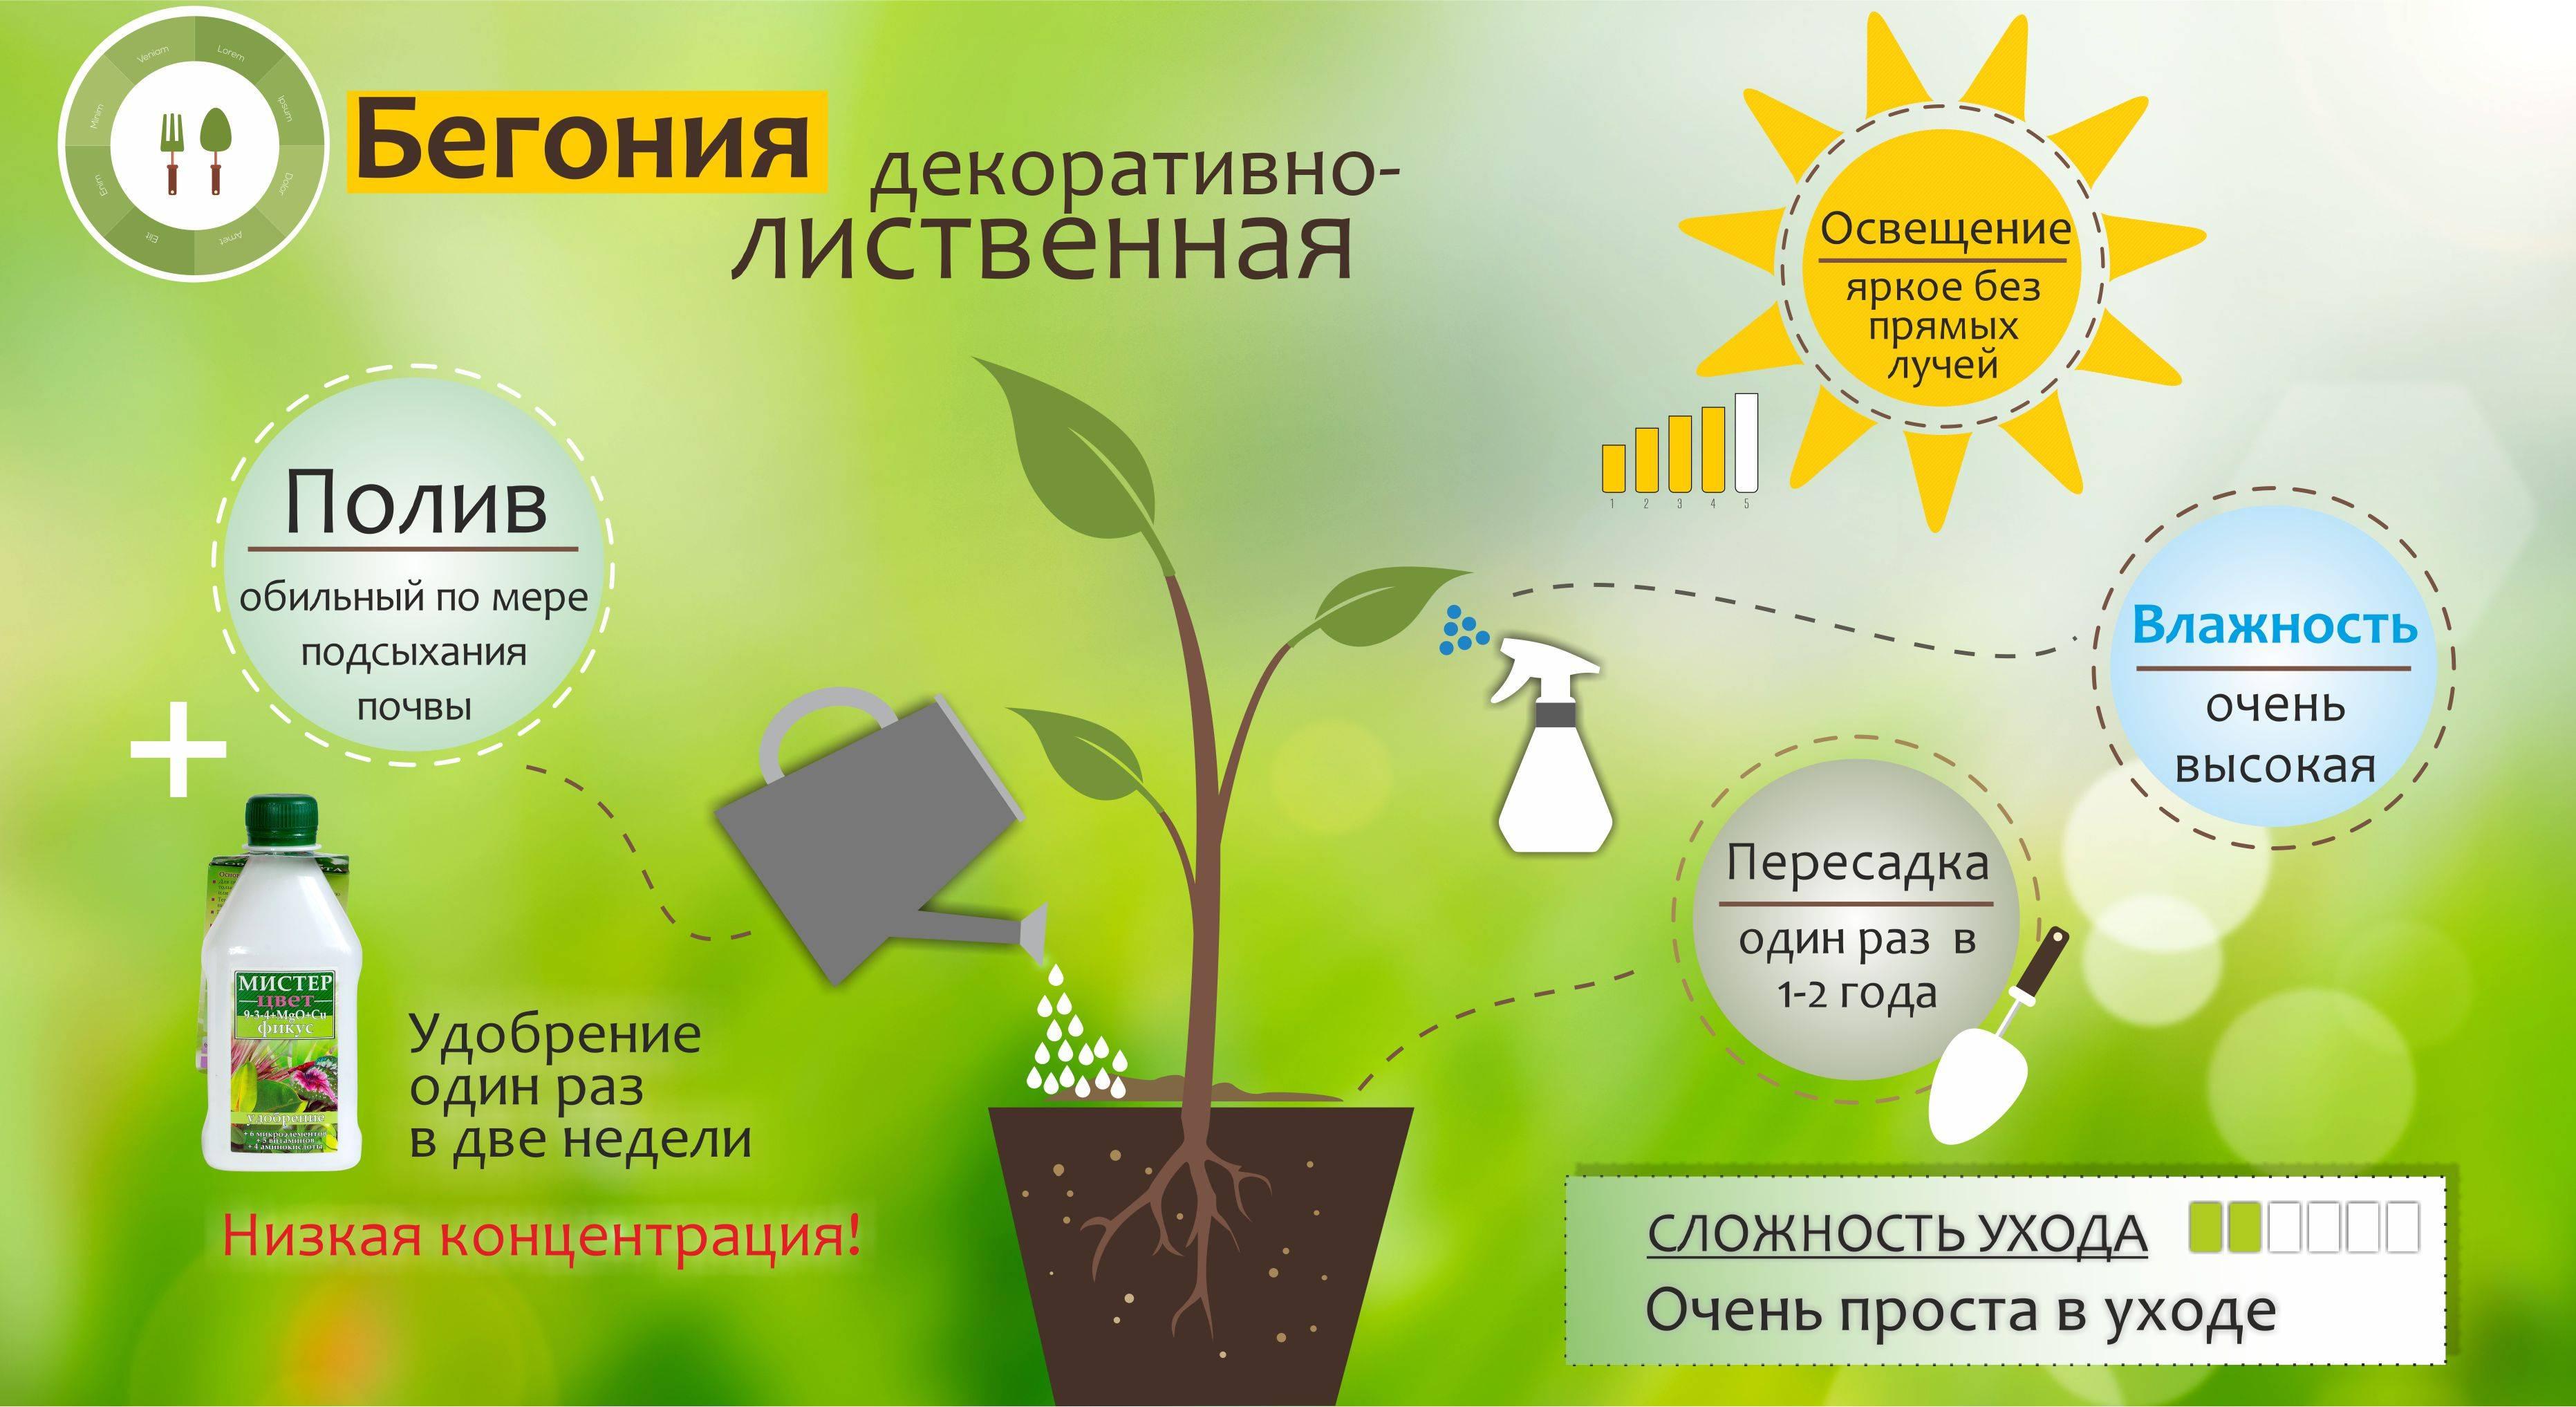 Декоративно-лиственная бегония уход и размножение в домашних условиях | образцовая усадьба